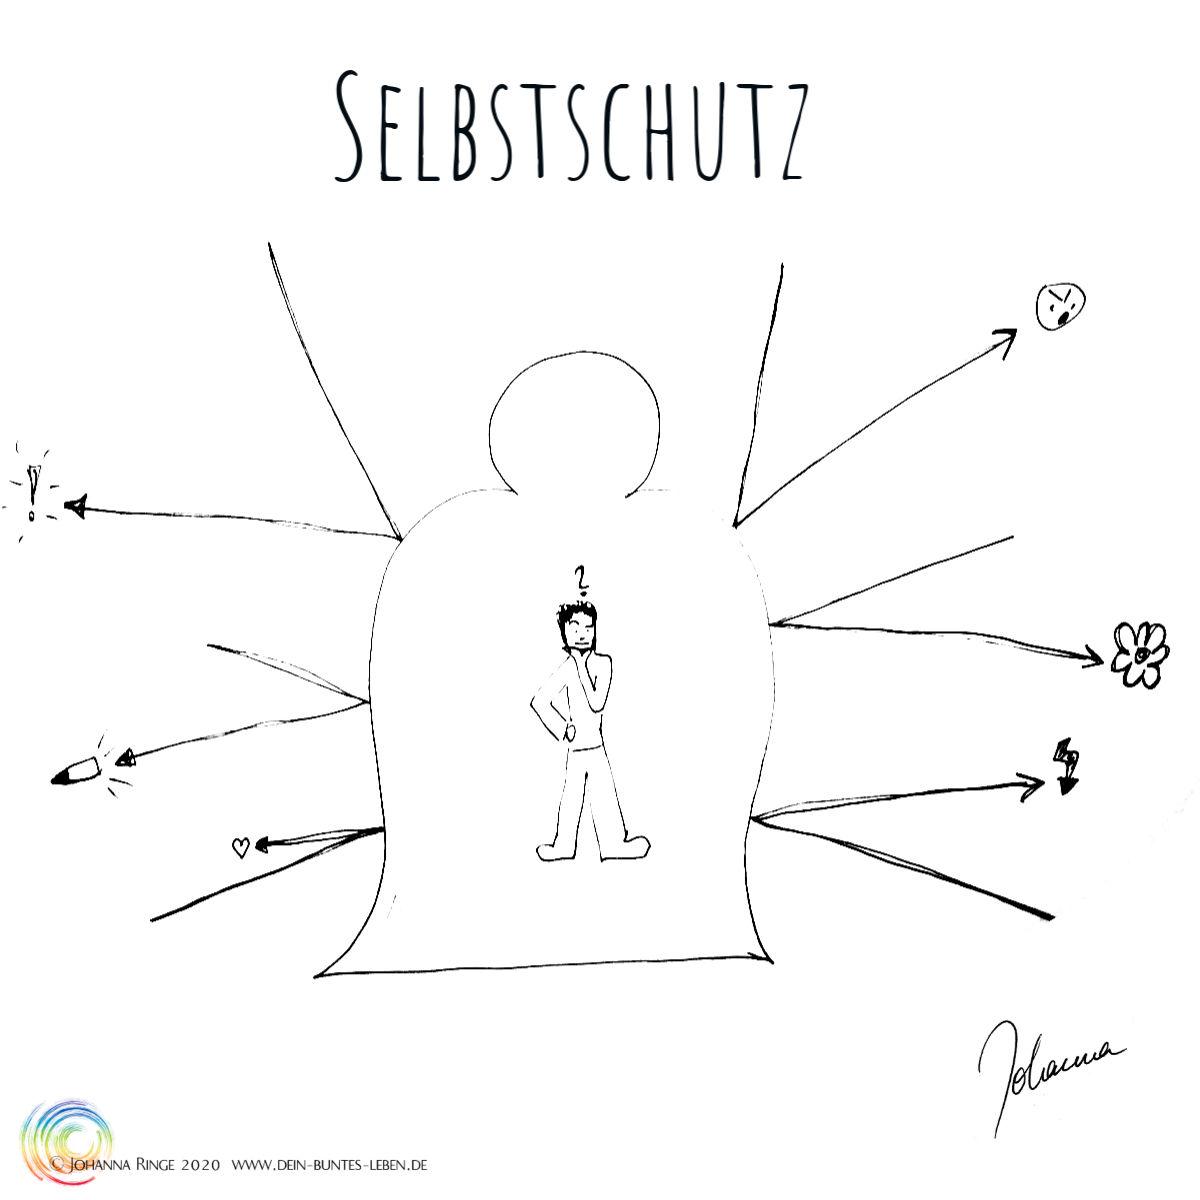 Selbstschutz: Nachdenklicher Mensch unter einer Glasglocke, an der positive und negative Dinge abprallen. ©Johanna Ringe 2020 www.dein-buntes-leben.de